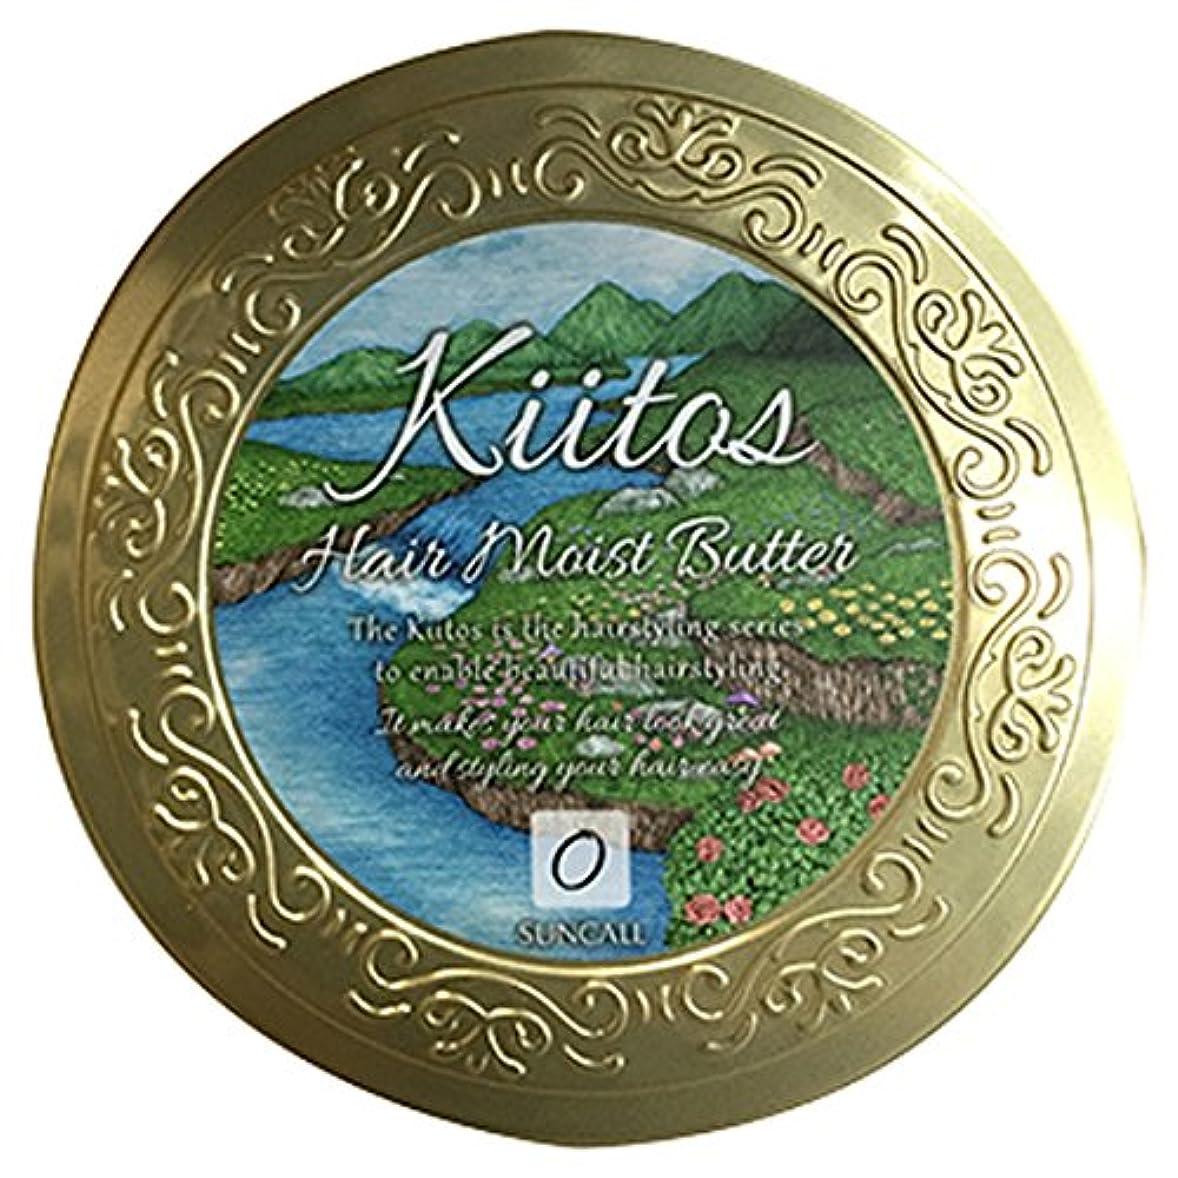 宿泊耐久白菜SUNCALL (サンコール) キートス ヘアモイストバター 85g